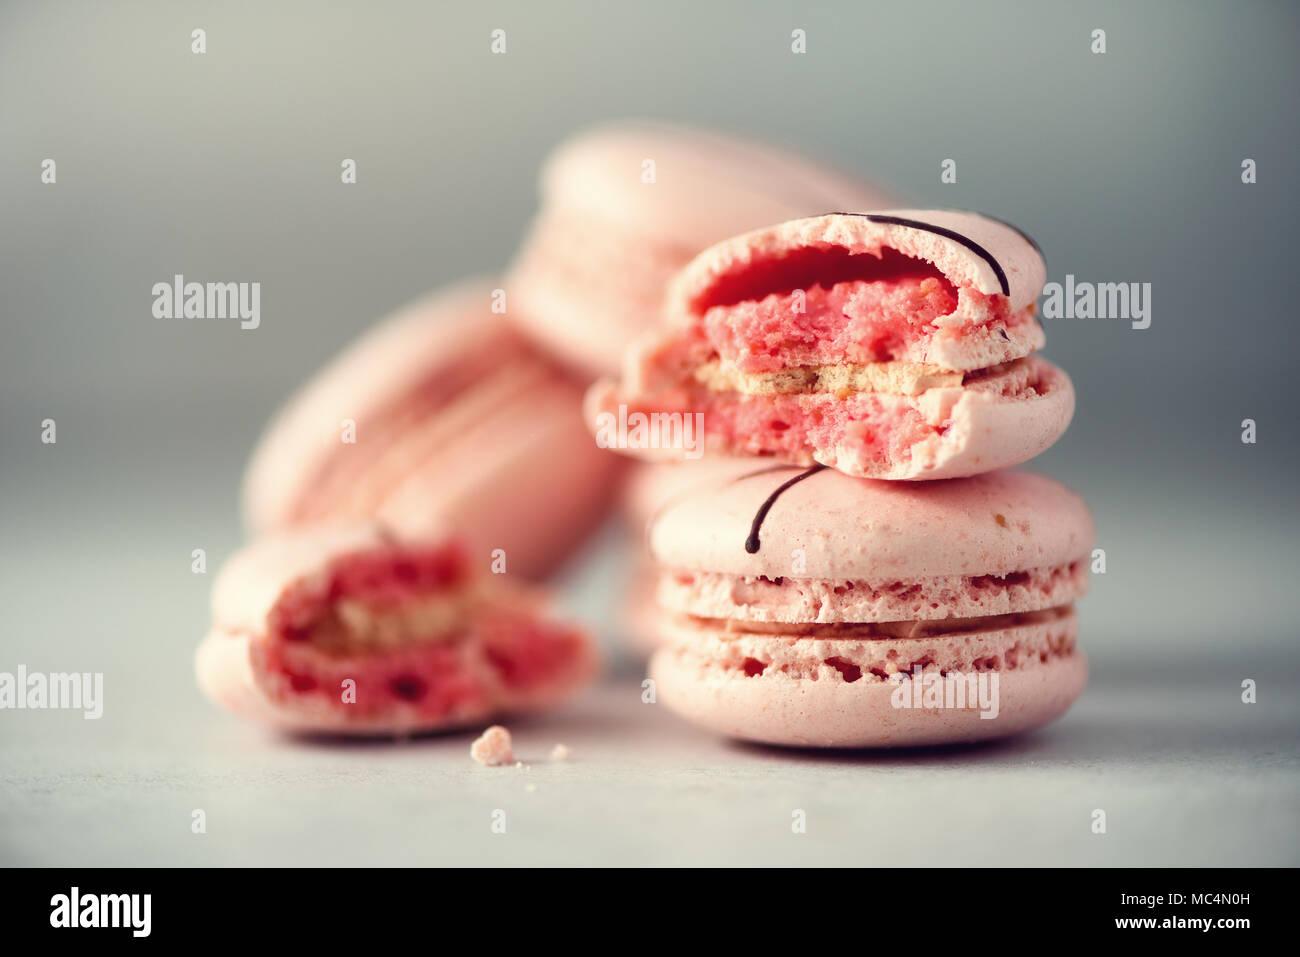 Rosa französische Makronen. Pastellfarben macarons mit Kopie Raum, Ansicht von oben. Feiertage und Feste Konzept. Süßes Geschenk für Frau, Mädchen Stockbild